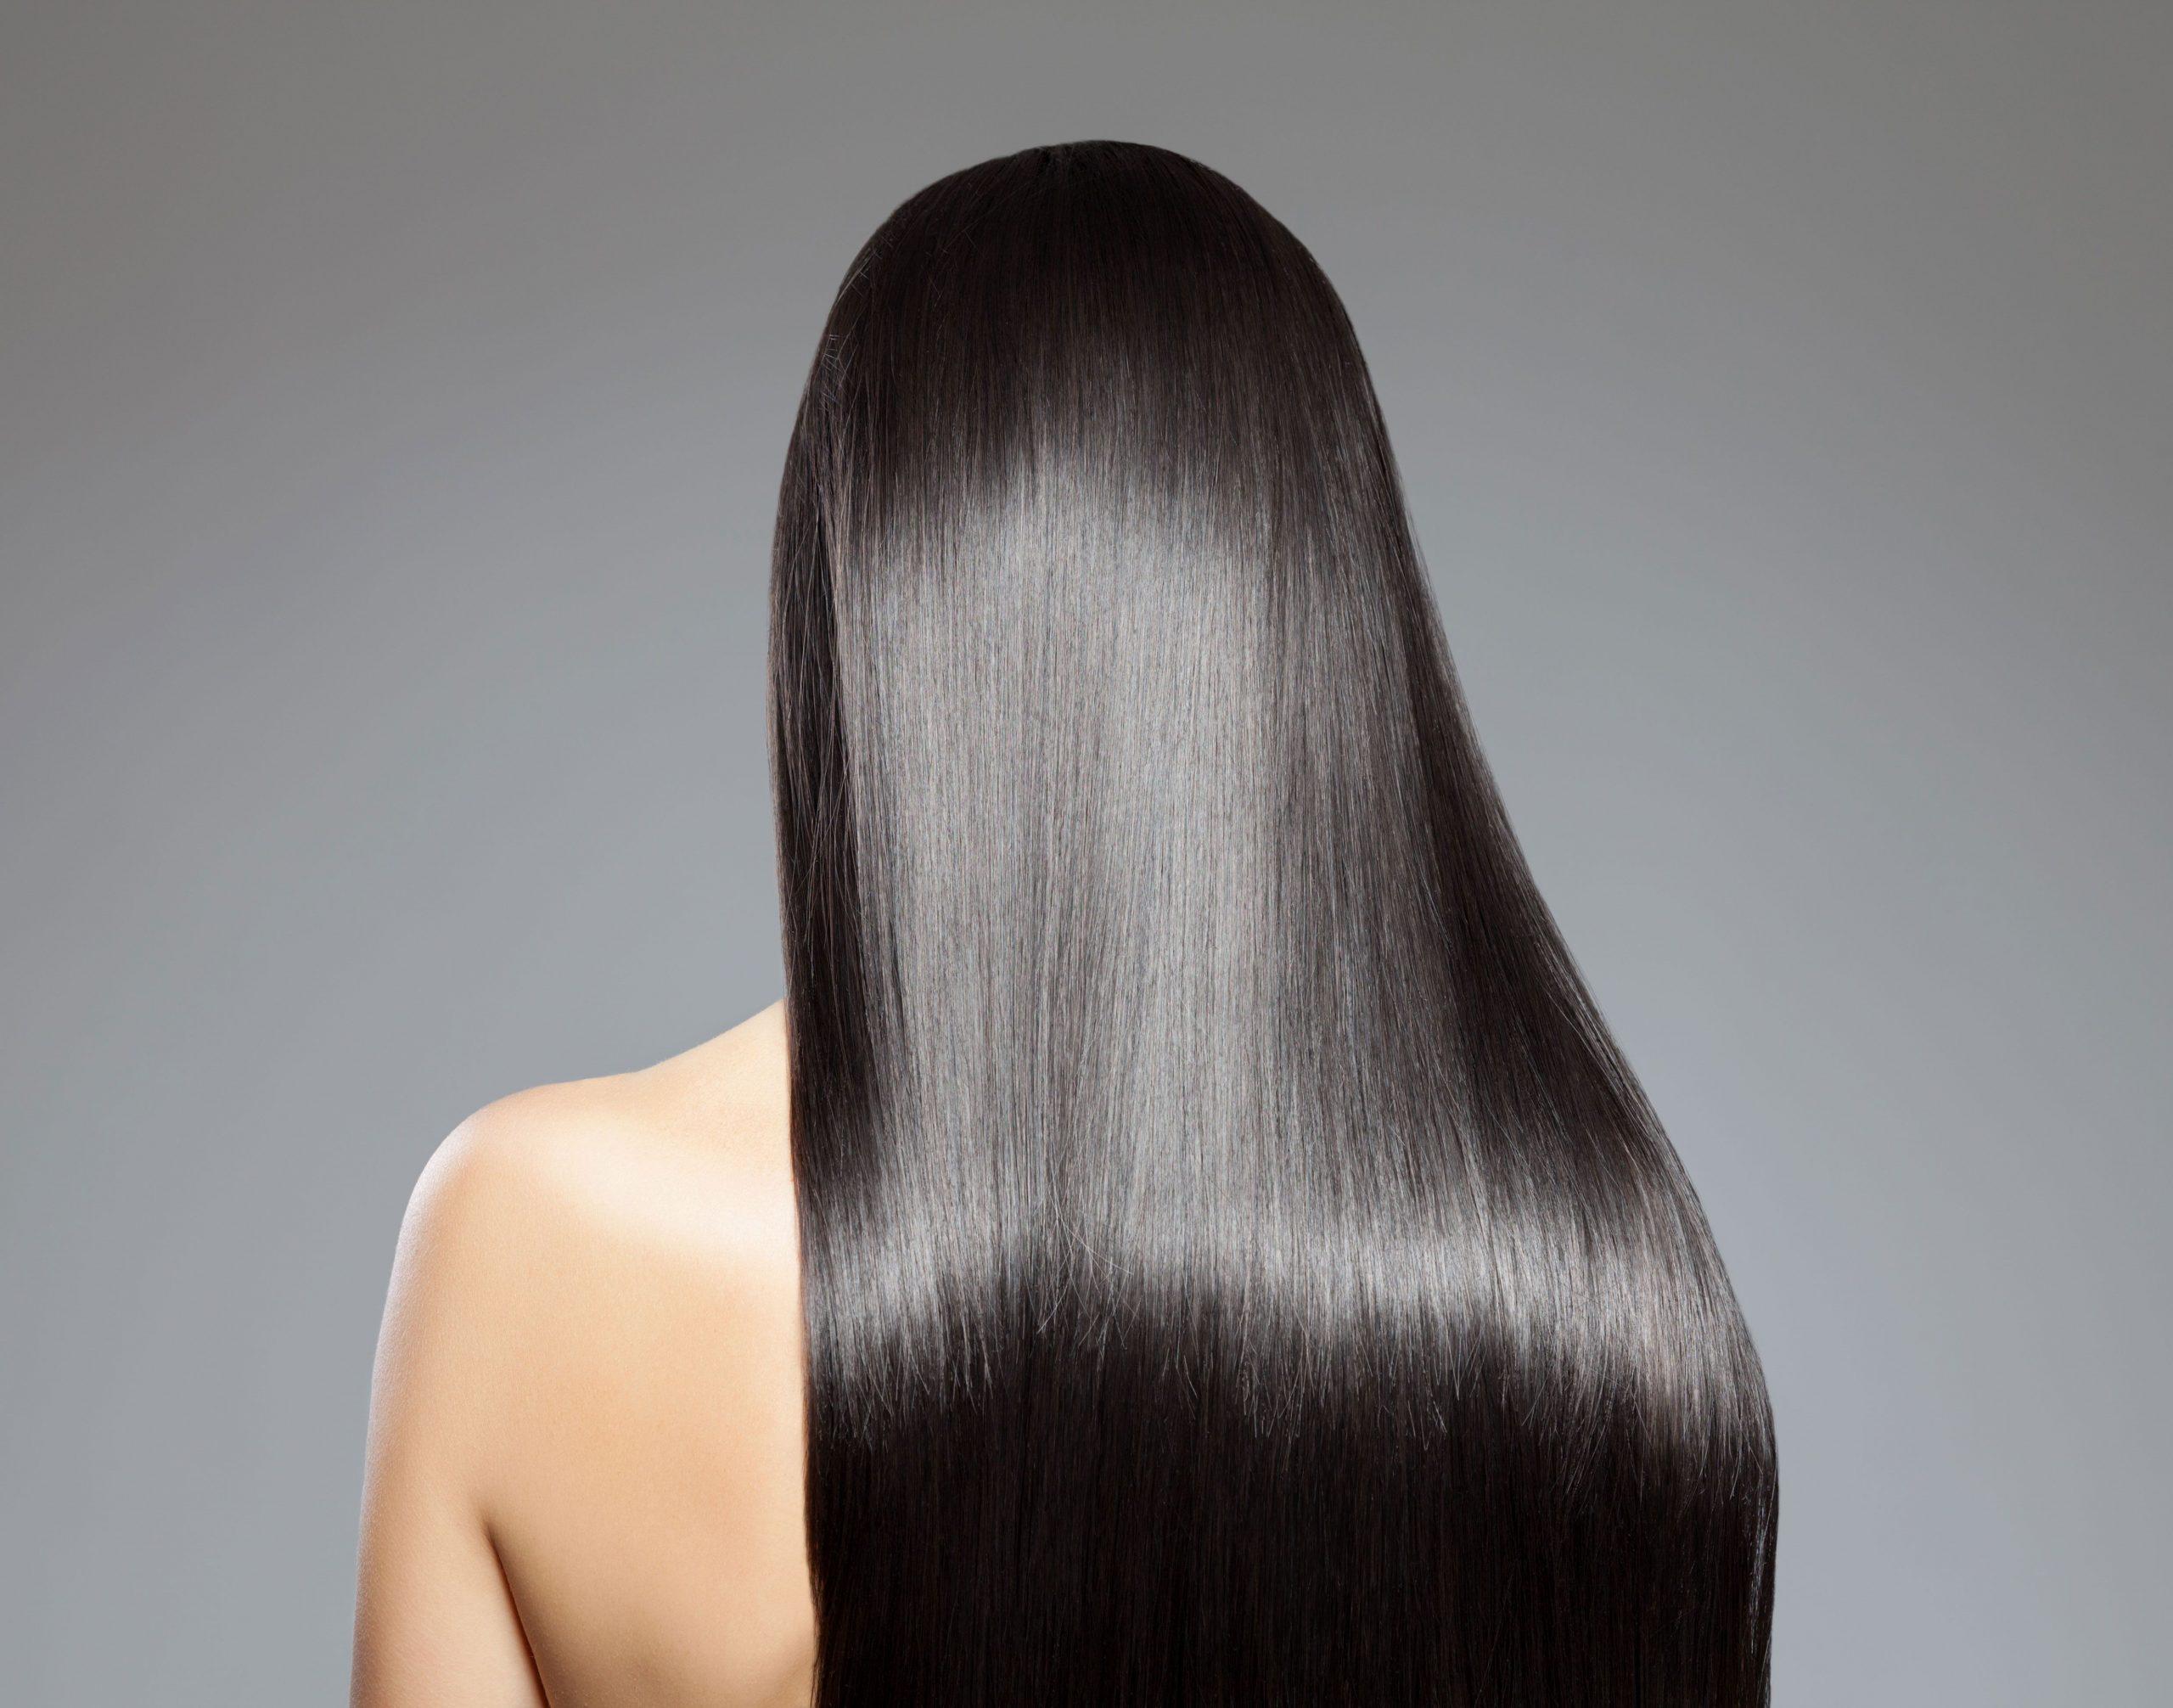 Brazilian Keratin Hair Treatment Side Effects Dangers